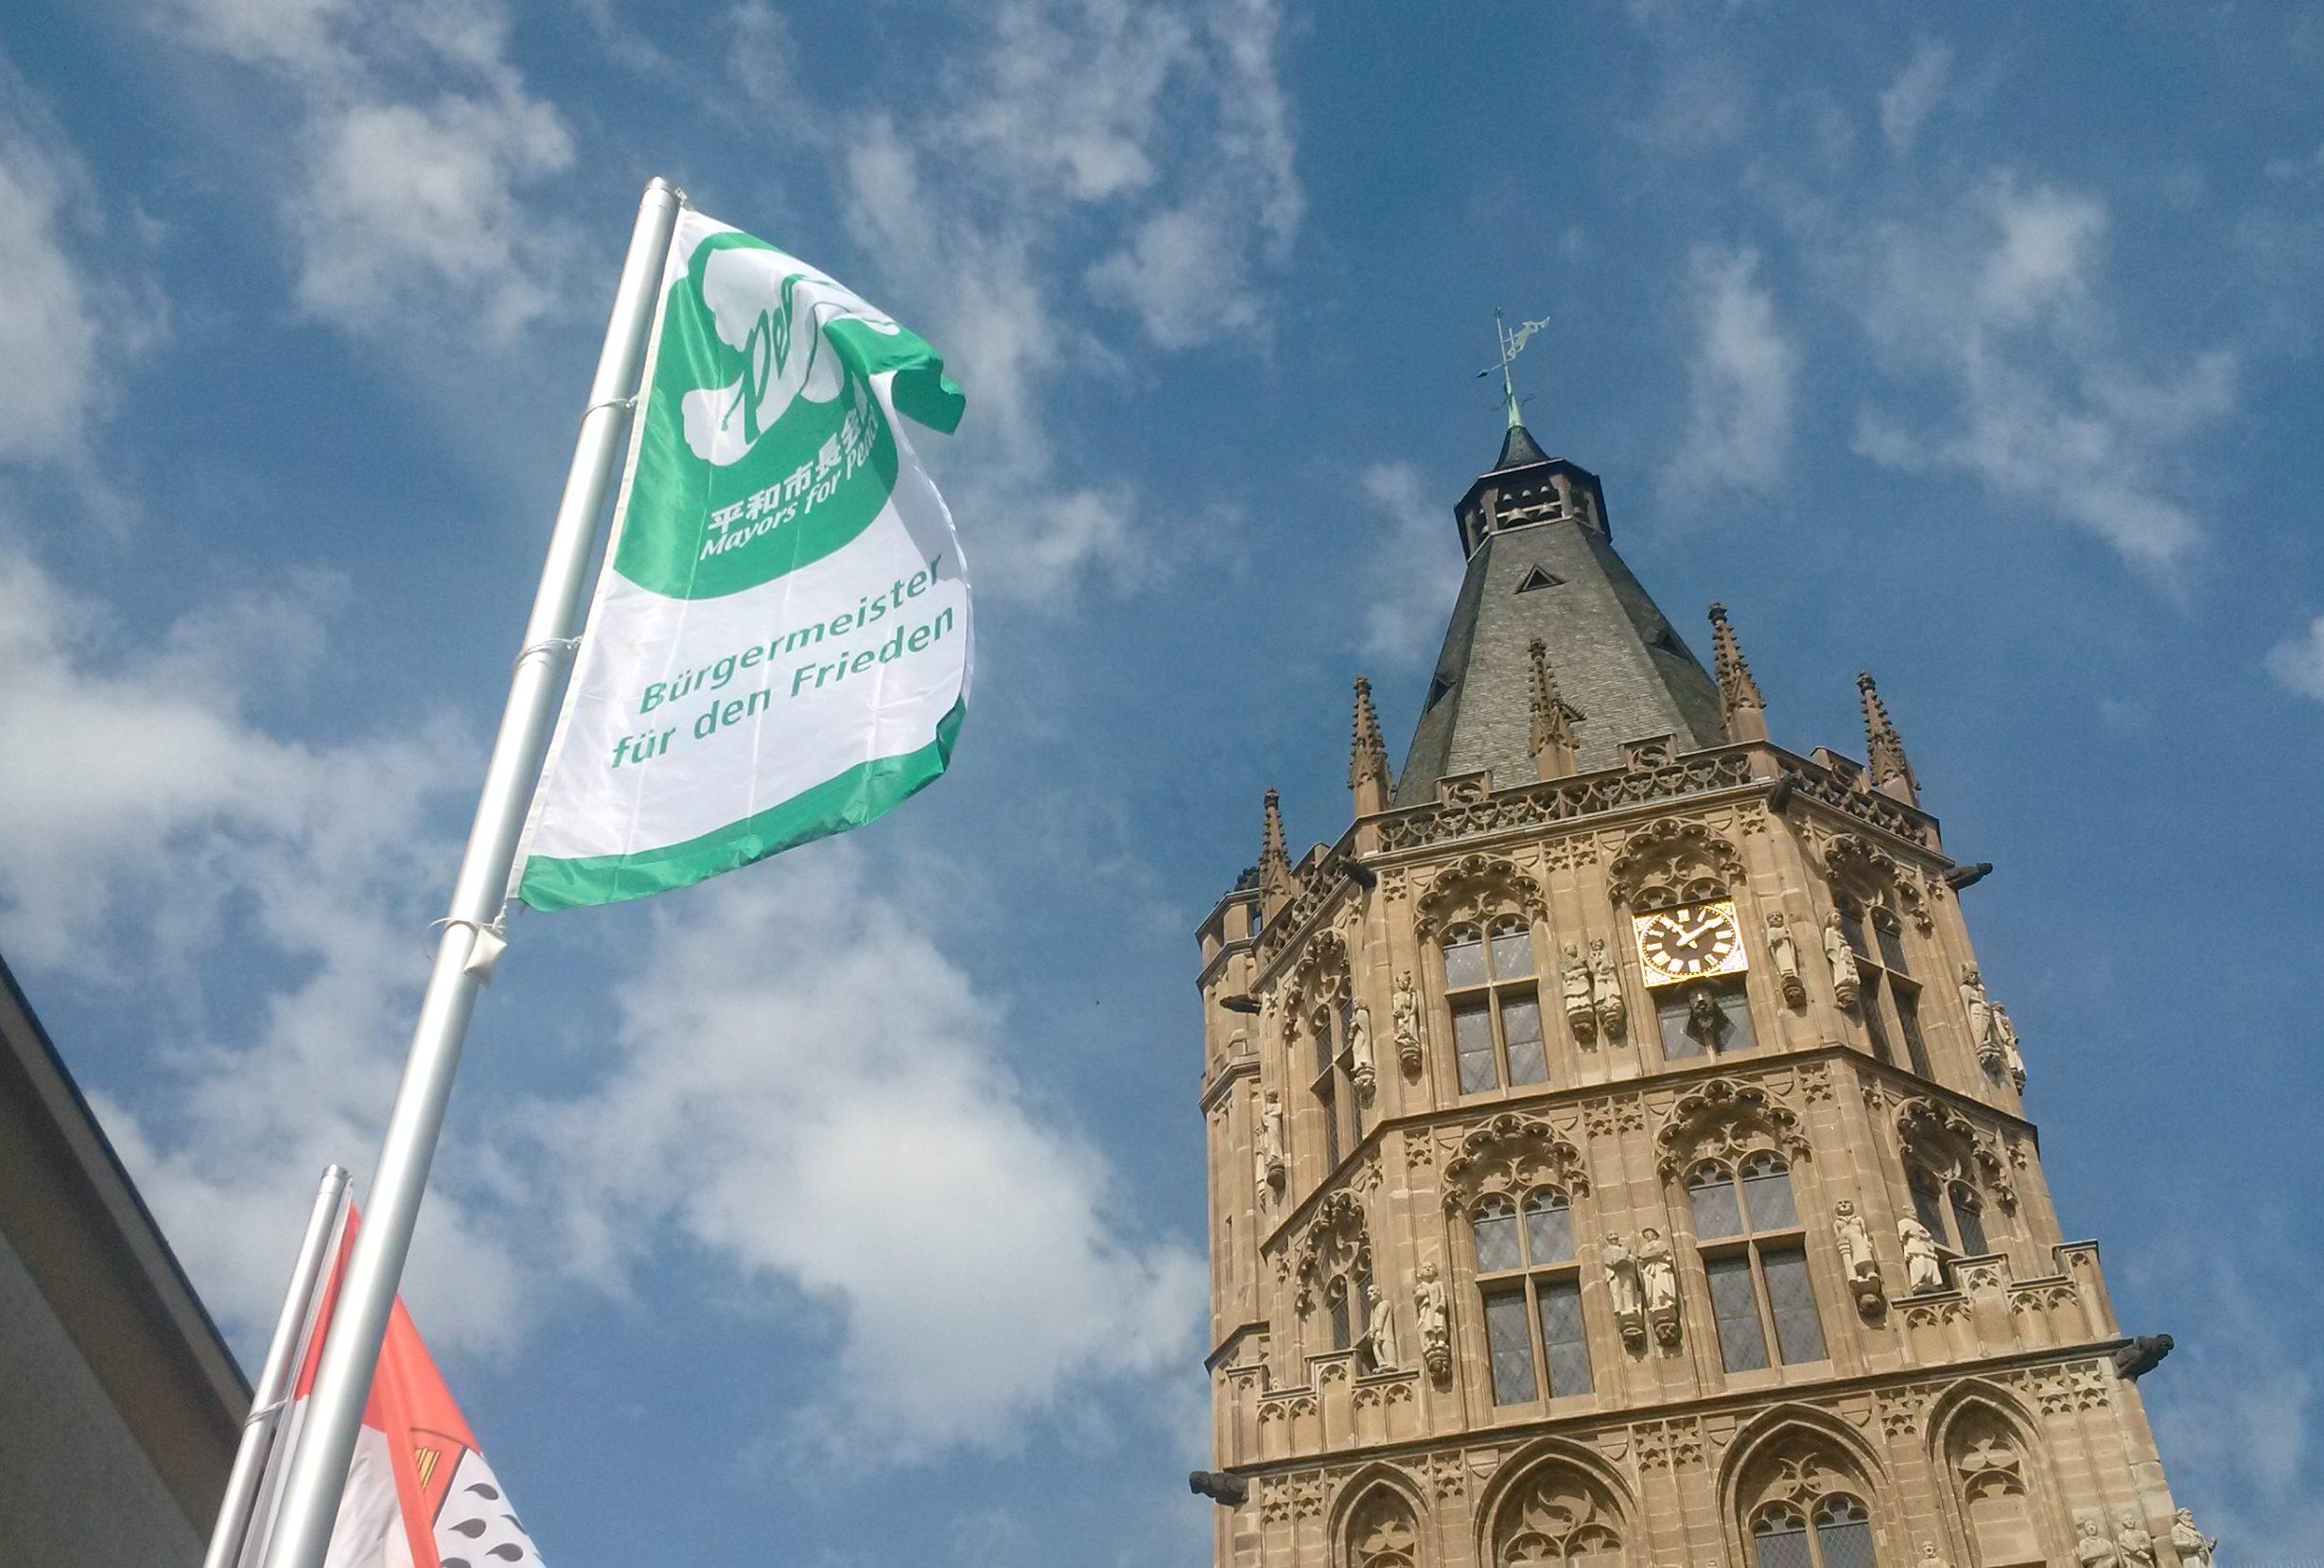 Die Mayors-for-Peace-Flagge trägt eine grüne Aufschrift auf weißem Grund. Hier flattert sich vor dem Kölner Rathausturm. Das Foto ist von unten aufgenommen, sodass man den blauen Himmel und weiße Wölkchen im Hintergrund sieht.